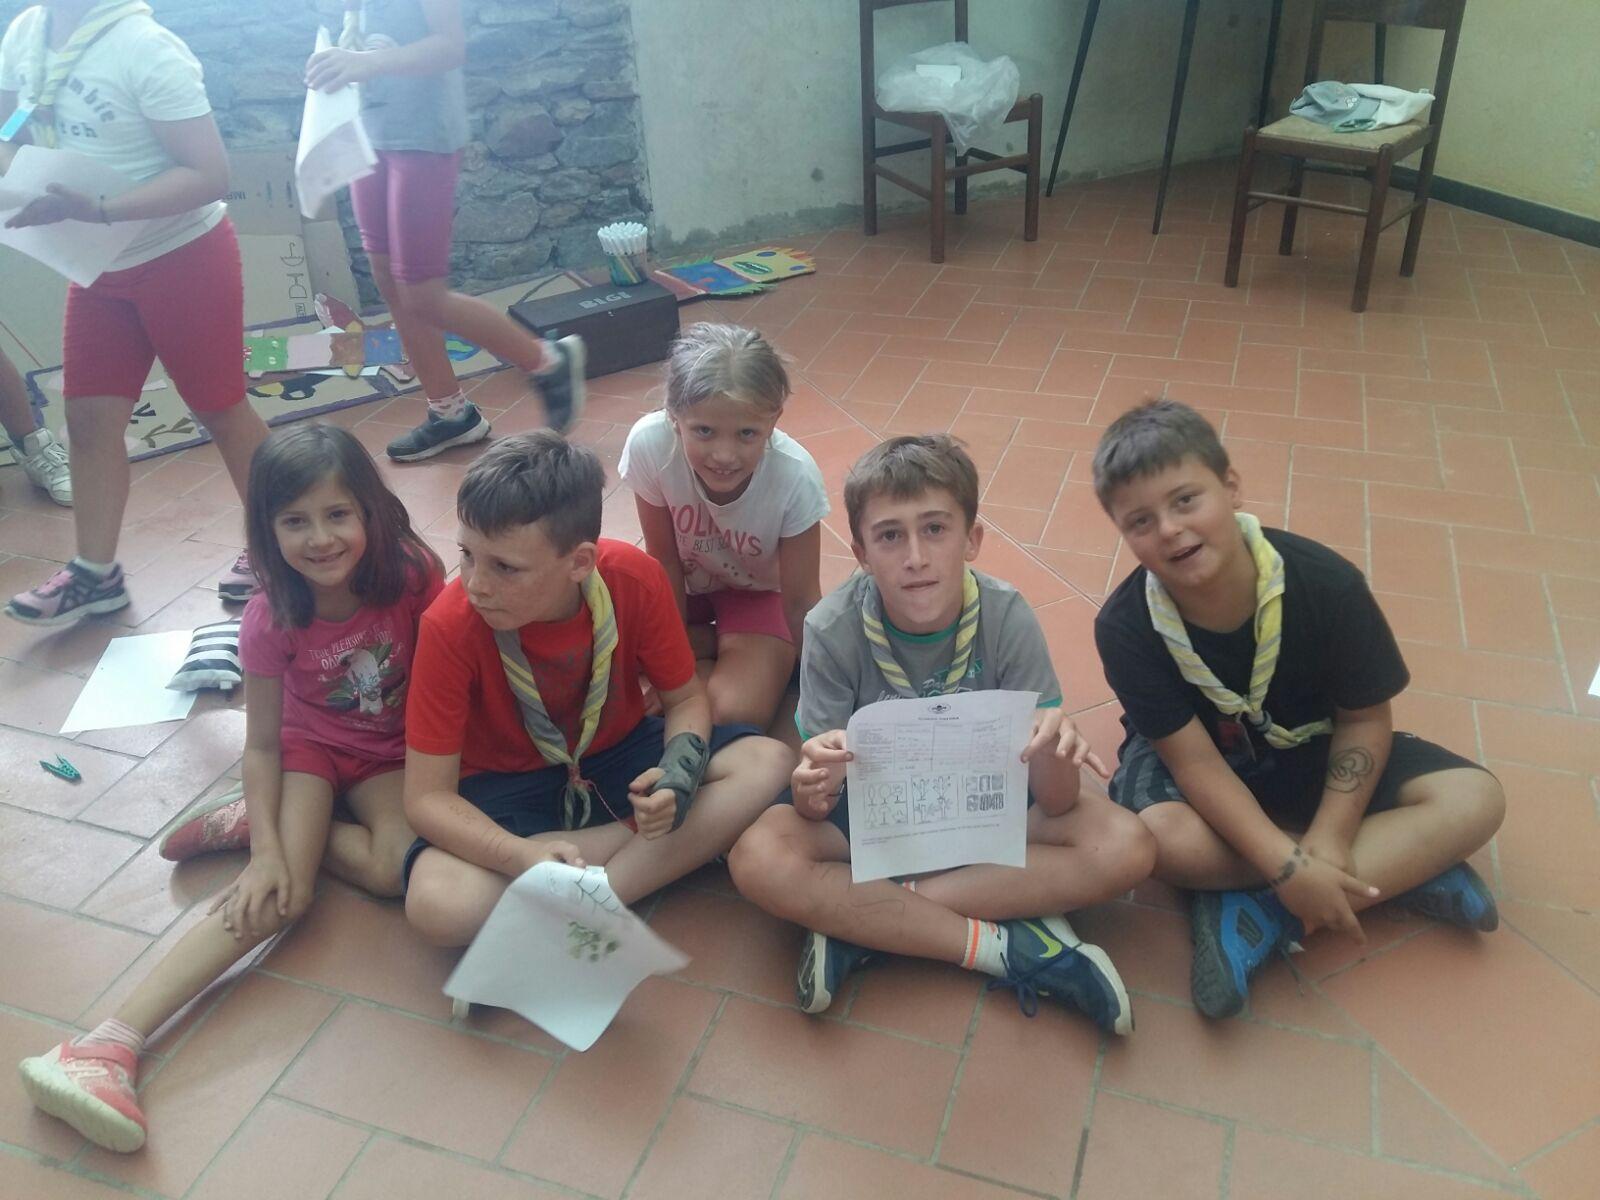 Vacanzedibranco_5giornata (20)